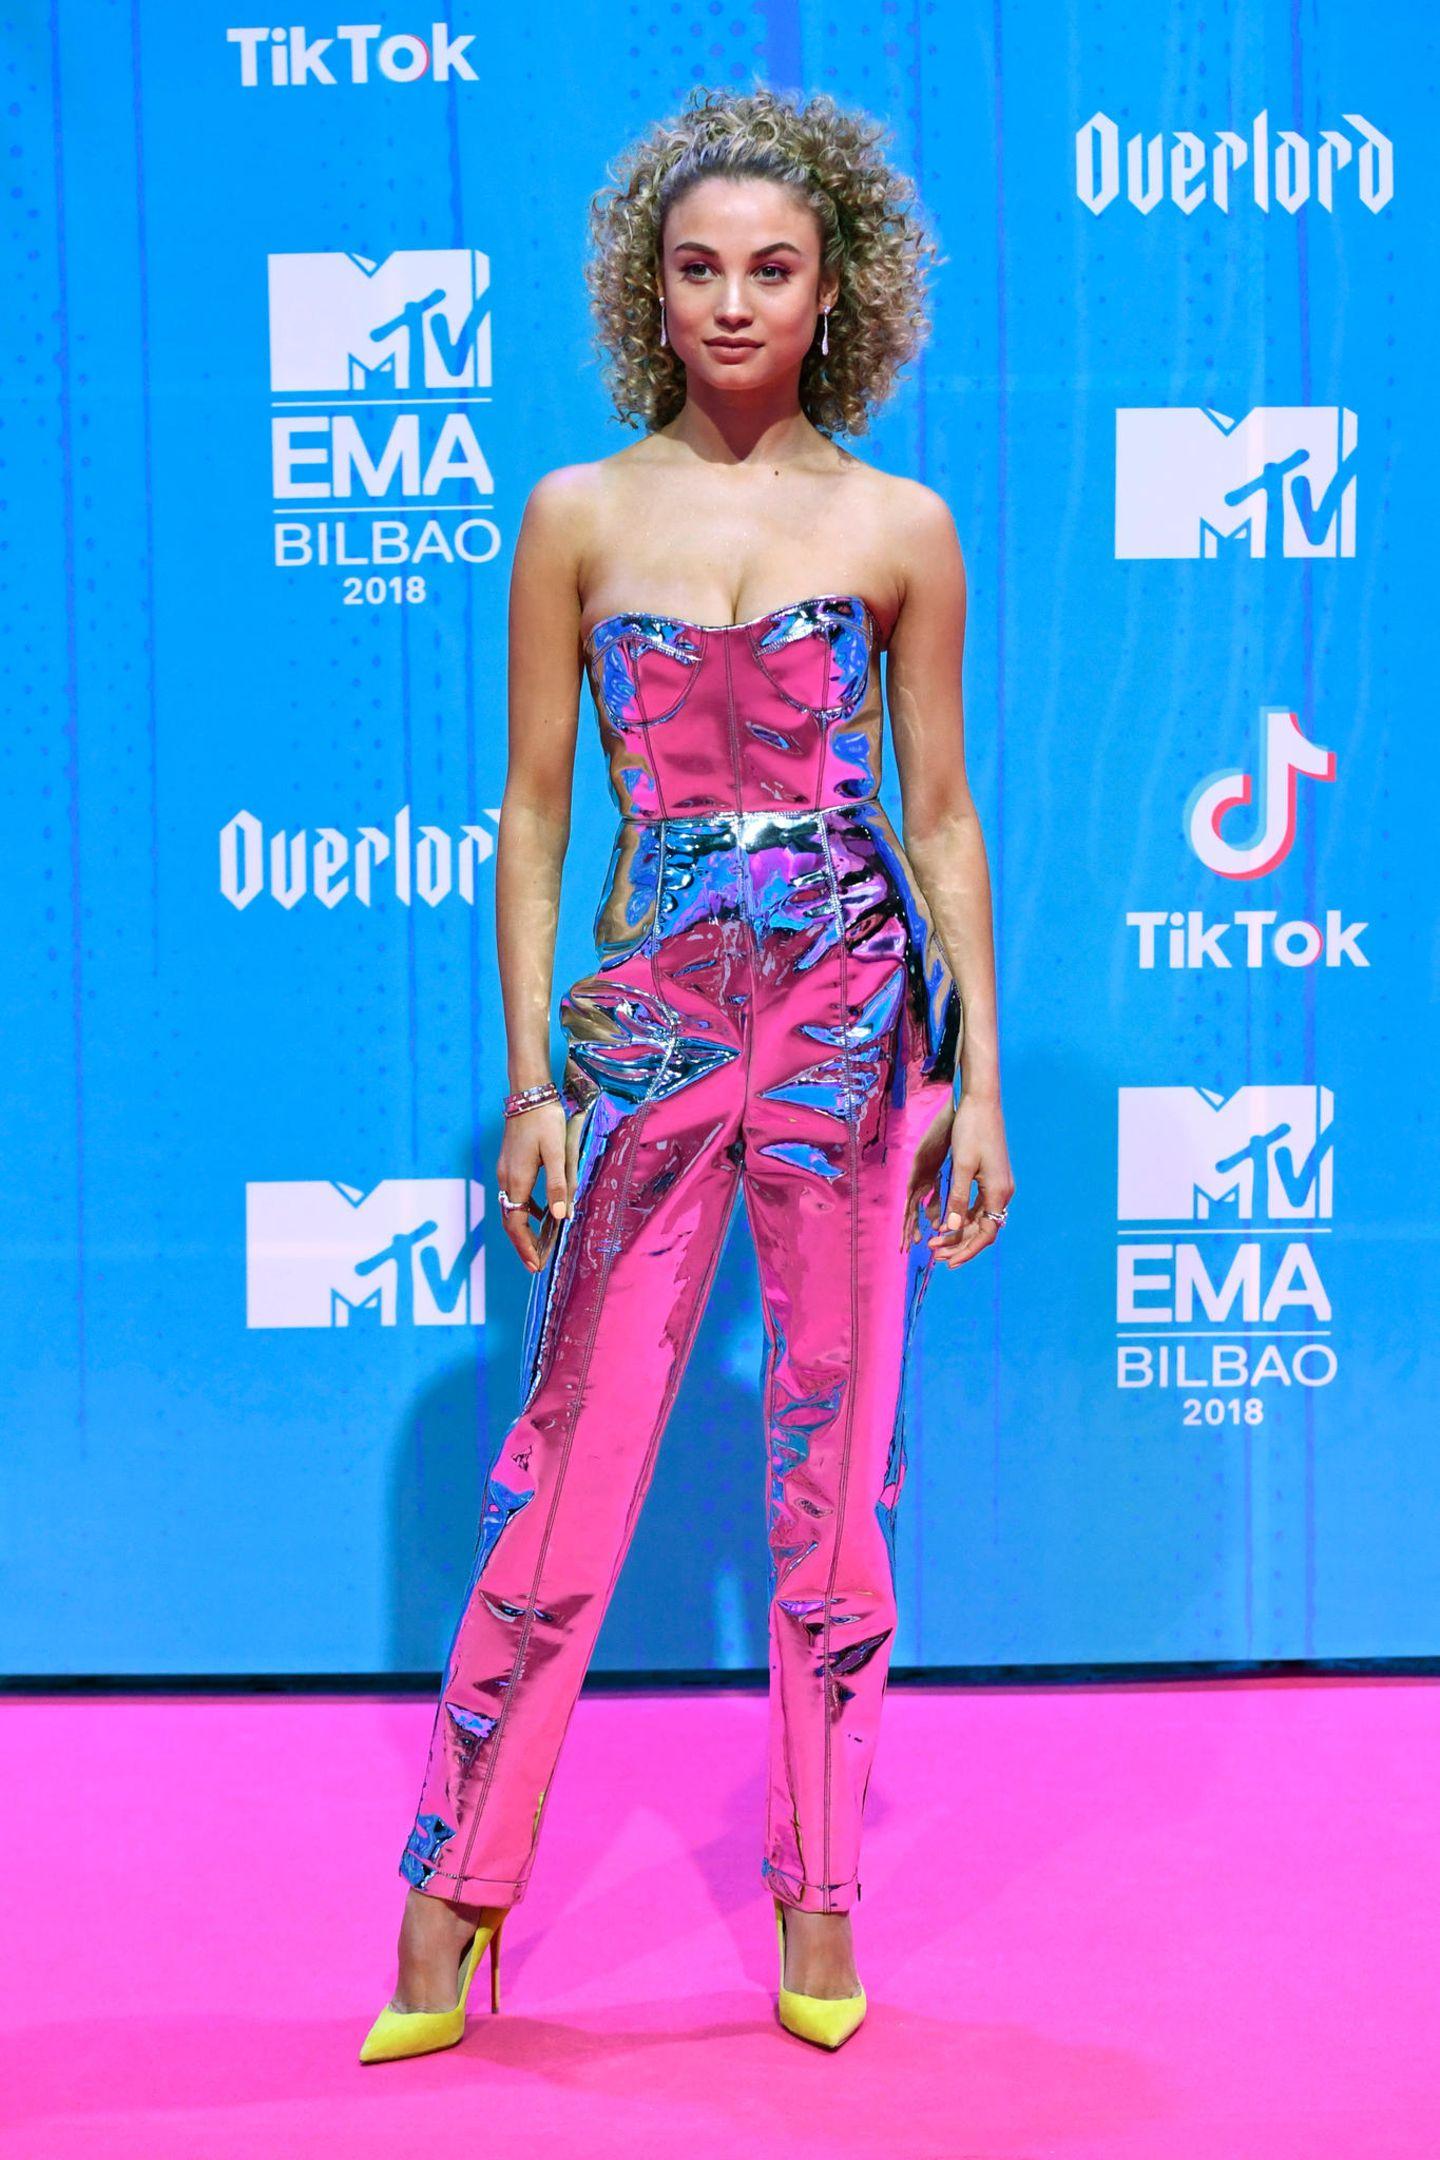 Rose Bertram schlüpft in einen Metallic-Jumpsuit, der die Farbe des pinken Teppichs wiederspiegelt.